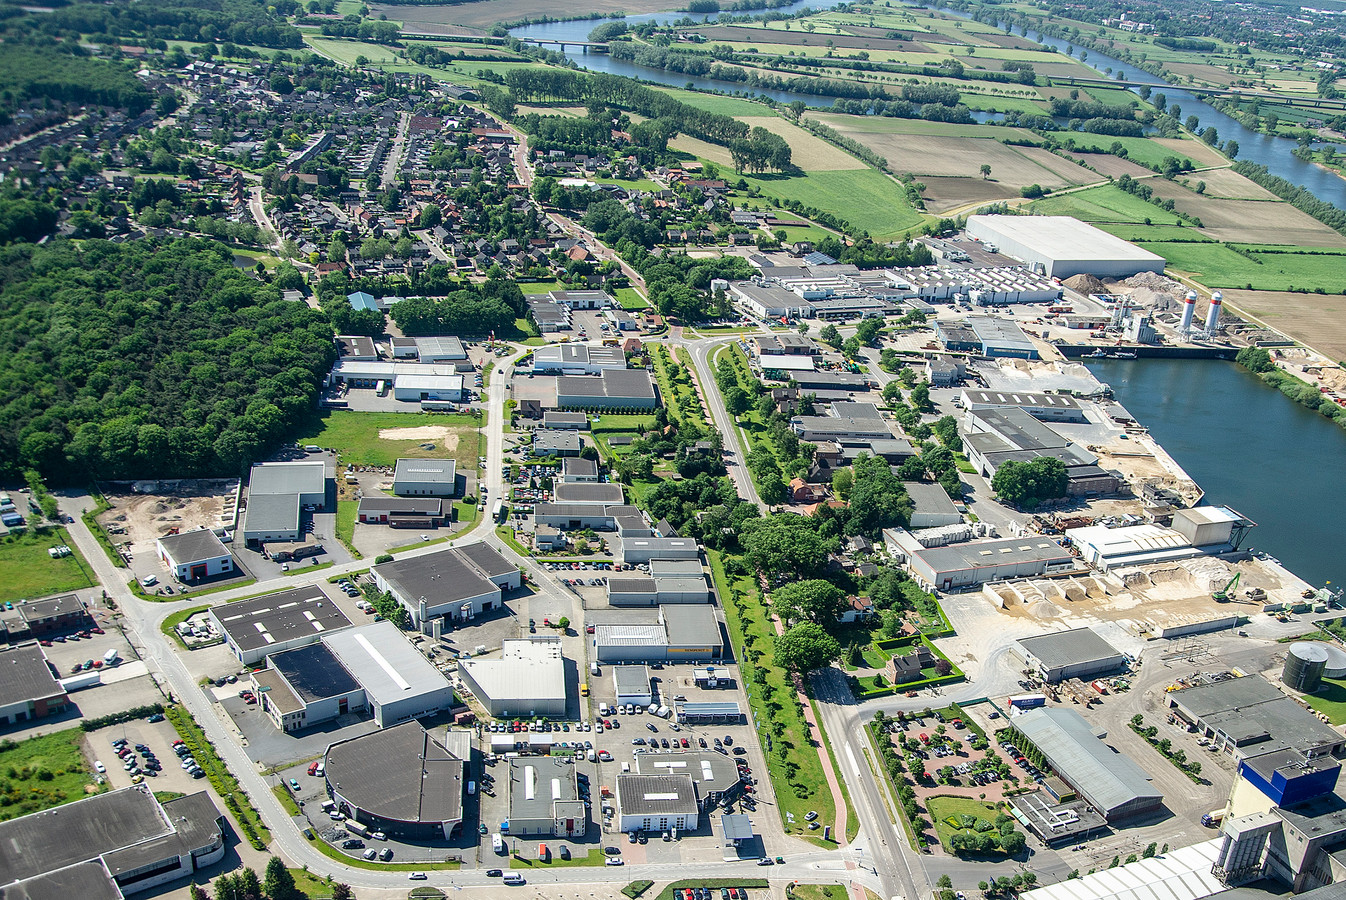 Industrieterrein Hoogveld en de haven vanuit de lucht, met het dorp Heijen op de achtergrond.